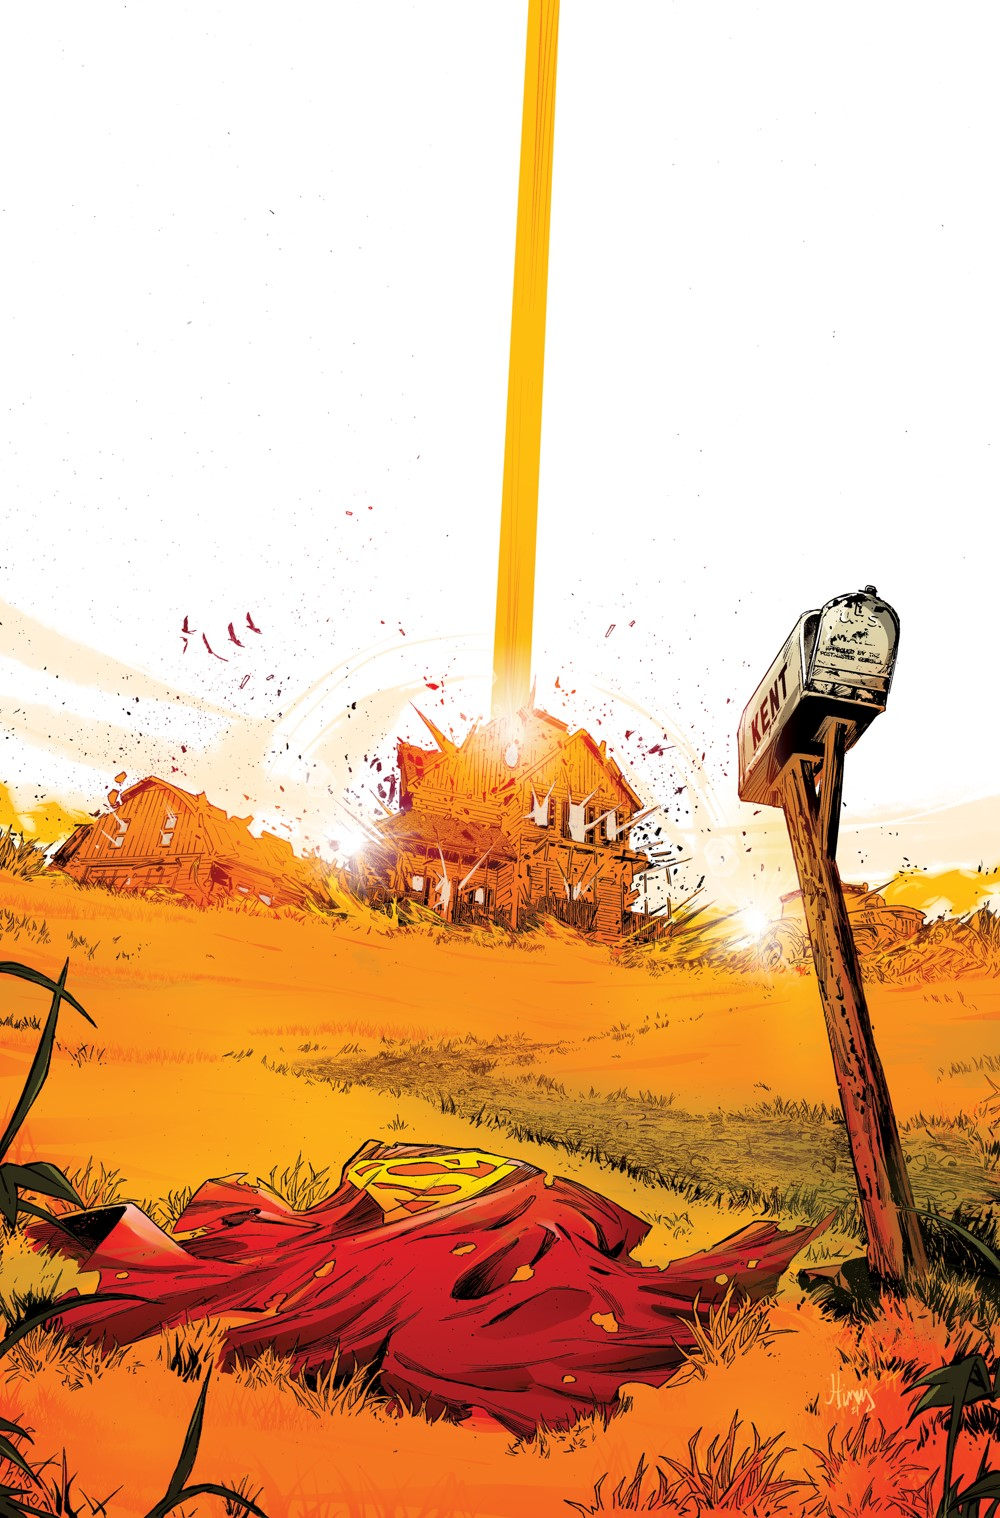 Superman_SOKE_04_FlatCMYK_V2 DC Comics October 2021 Solicitations